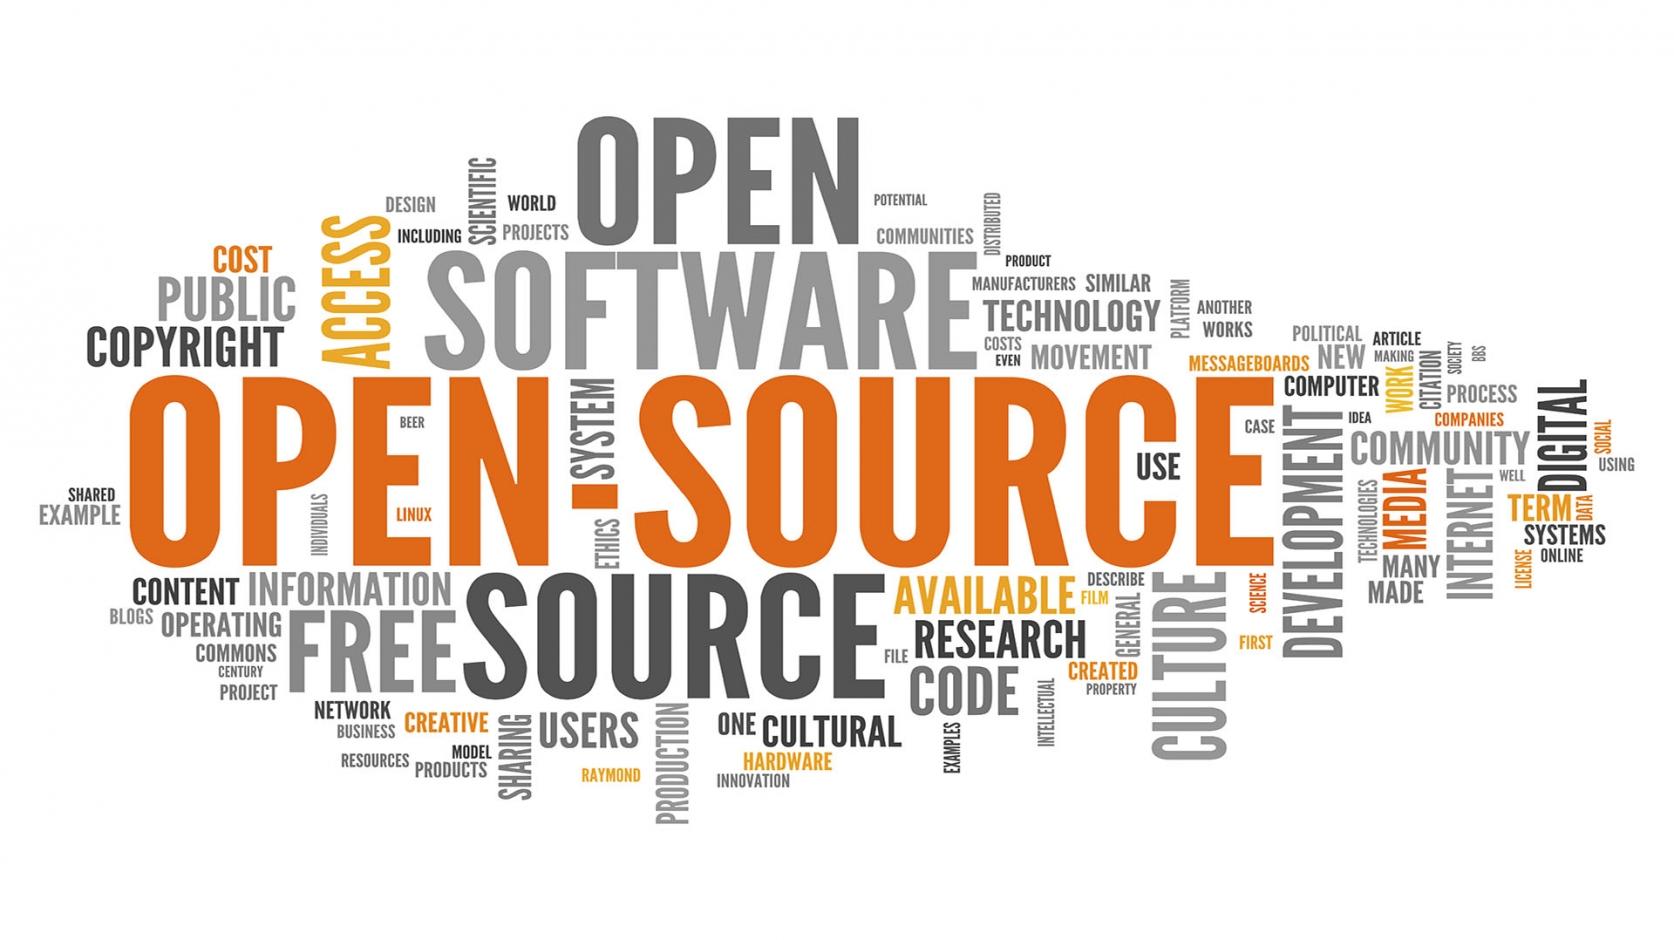 නොමිලේම ලබාදෙන Open-source software ගැන දැනුවත්ද ?